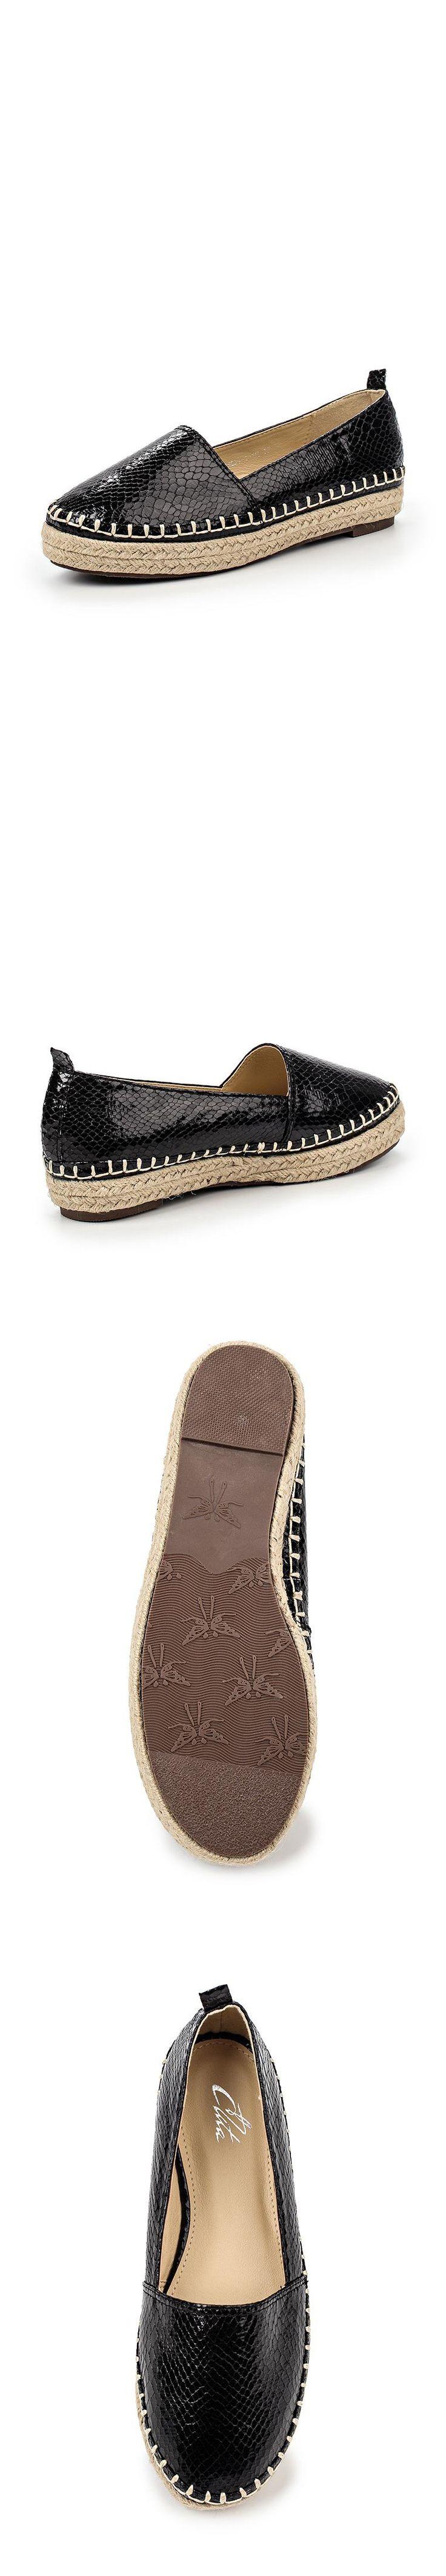 Женская обувь слипоны Elita за 2390.00 руб.